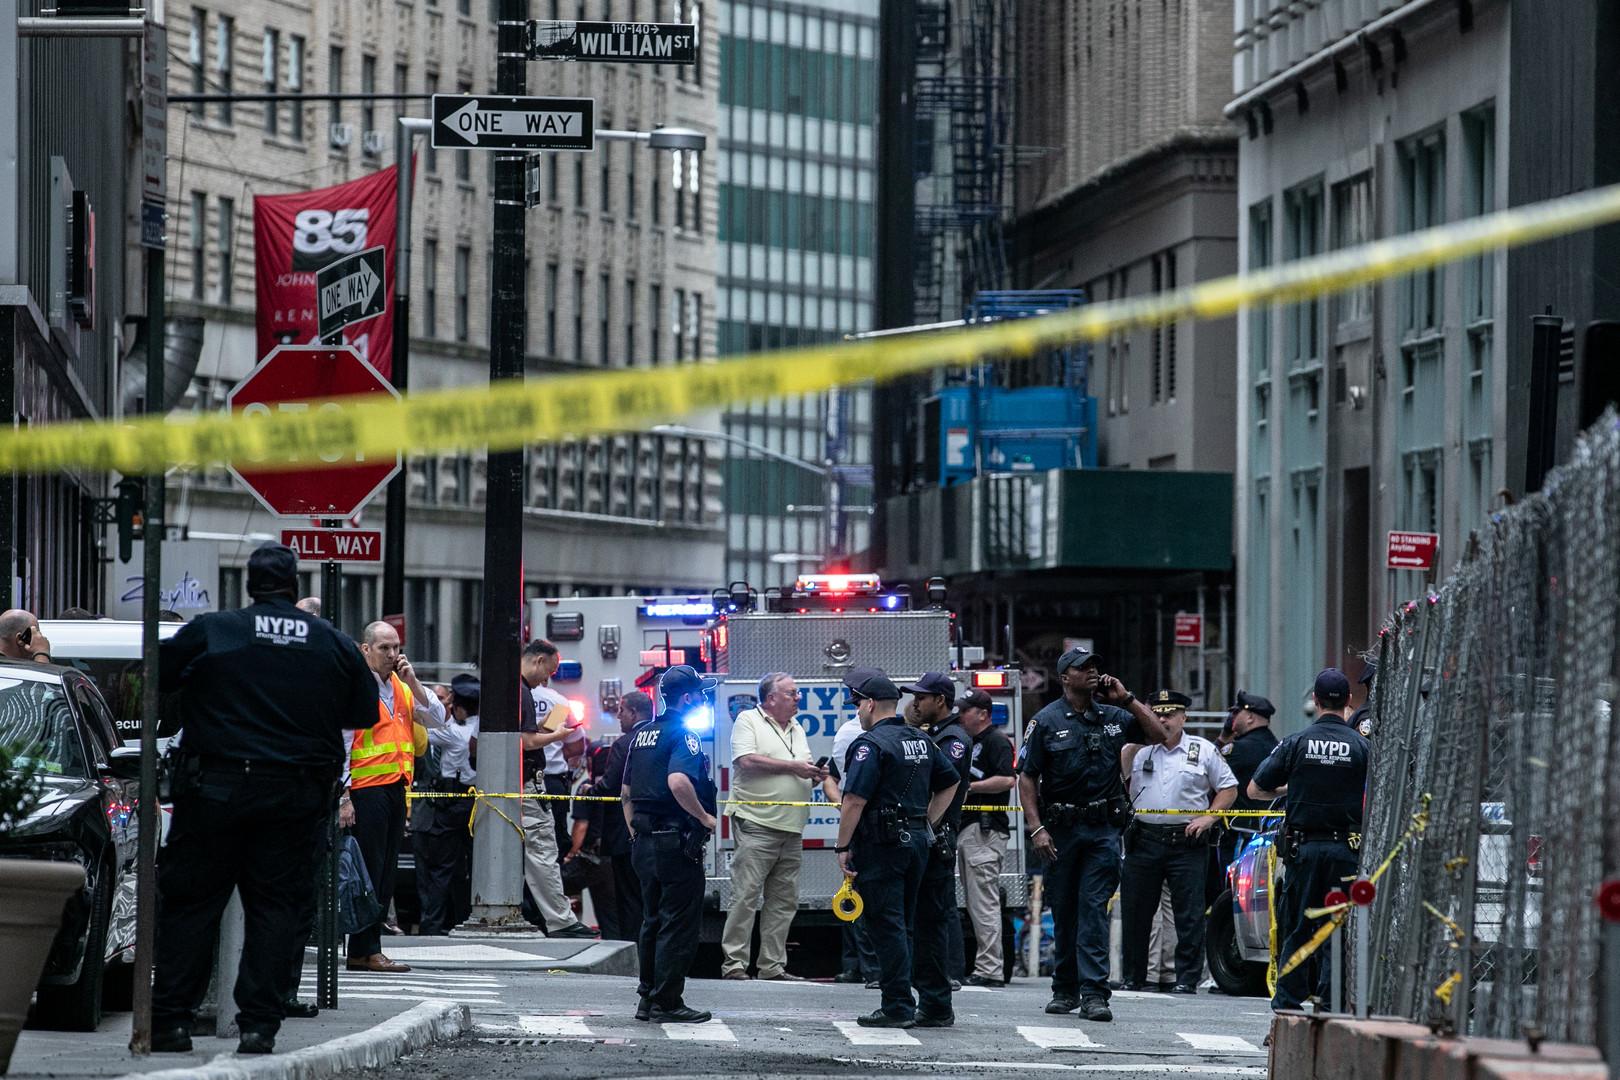 بالصور.. استنفار أمني بعد العثور على طنجرتي ضغط بمحطة مترو في نيويورك